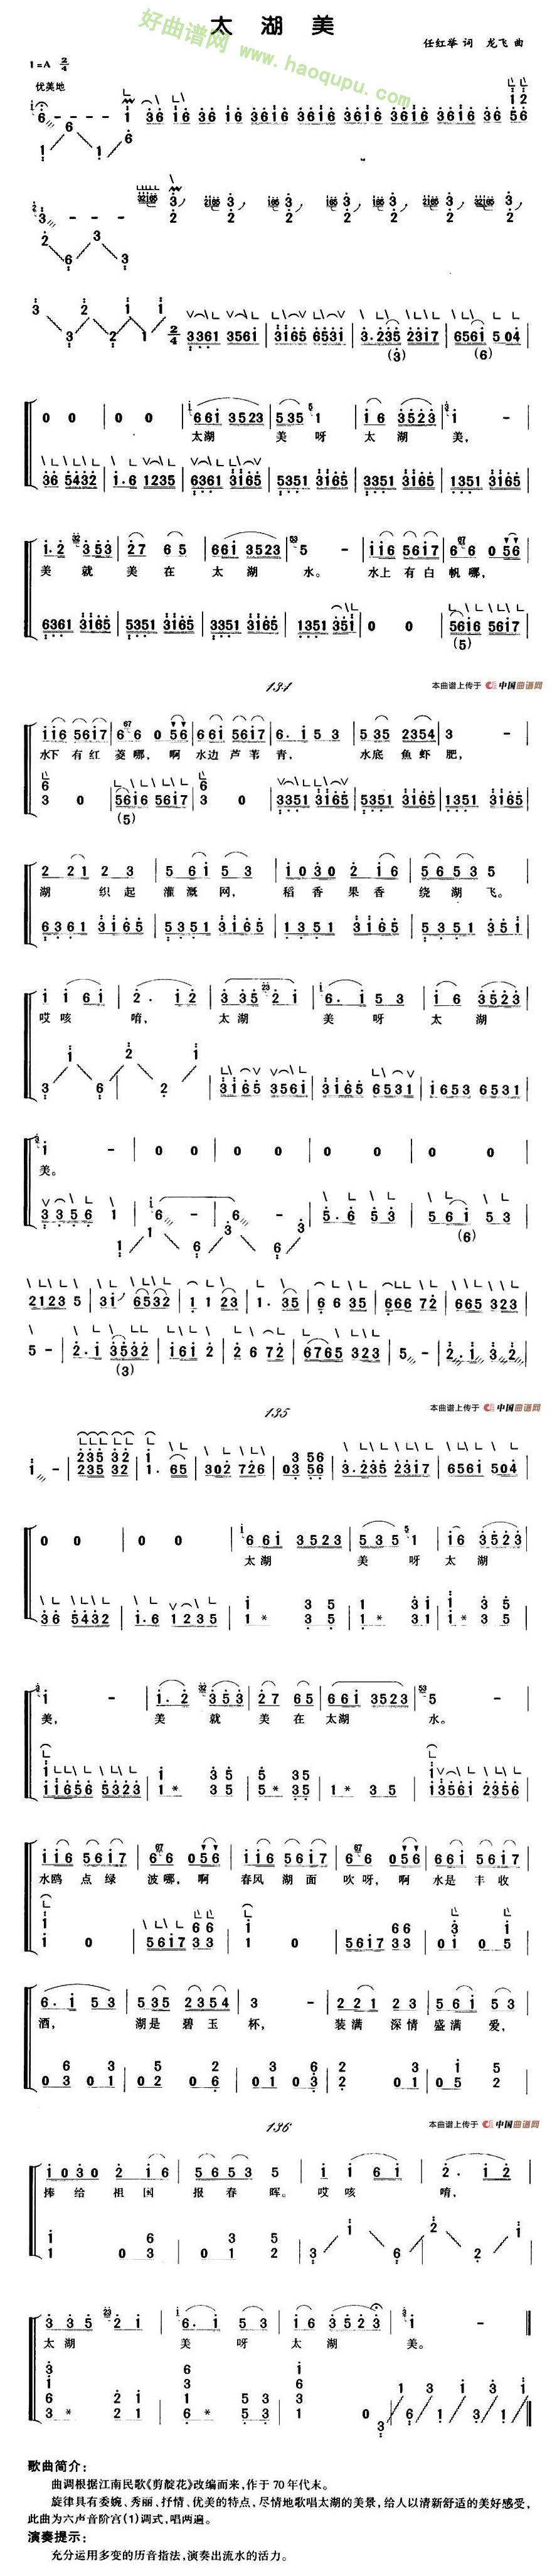 《太湖美》(弹唱谱) 古筝曲谱第1张